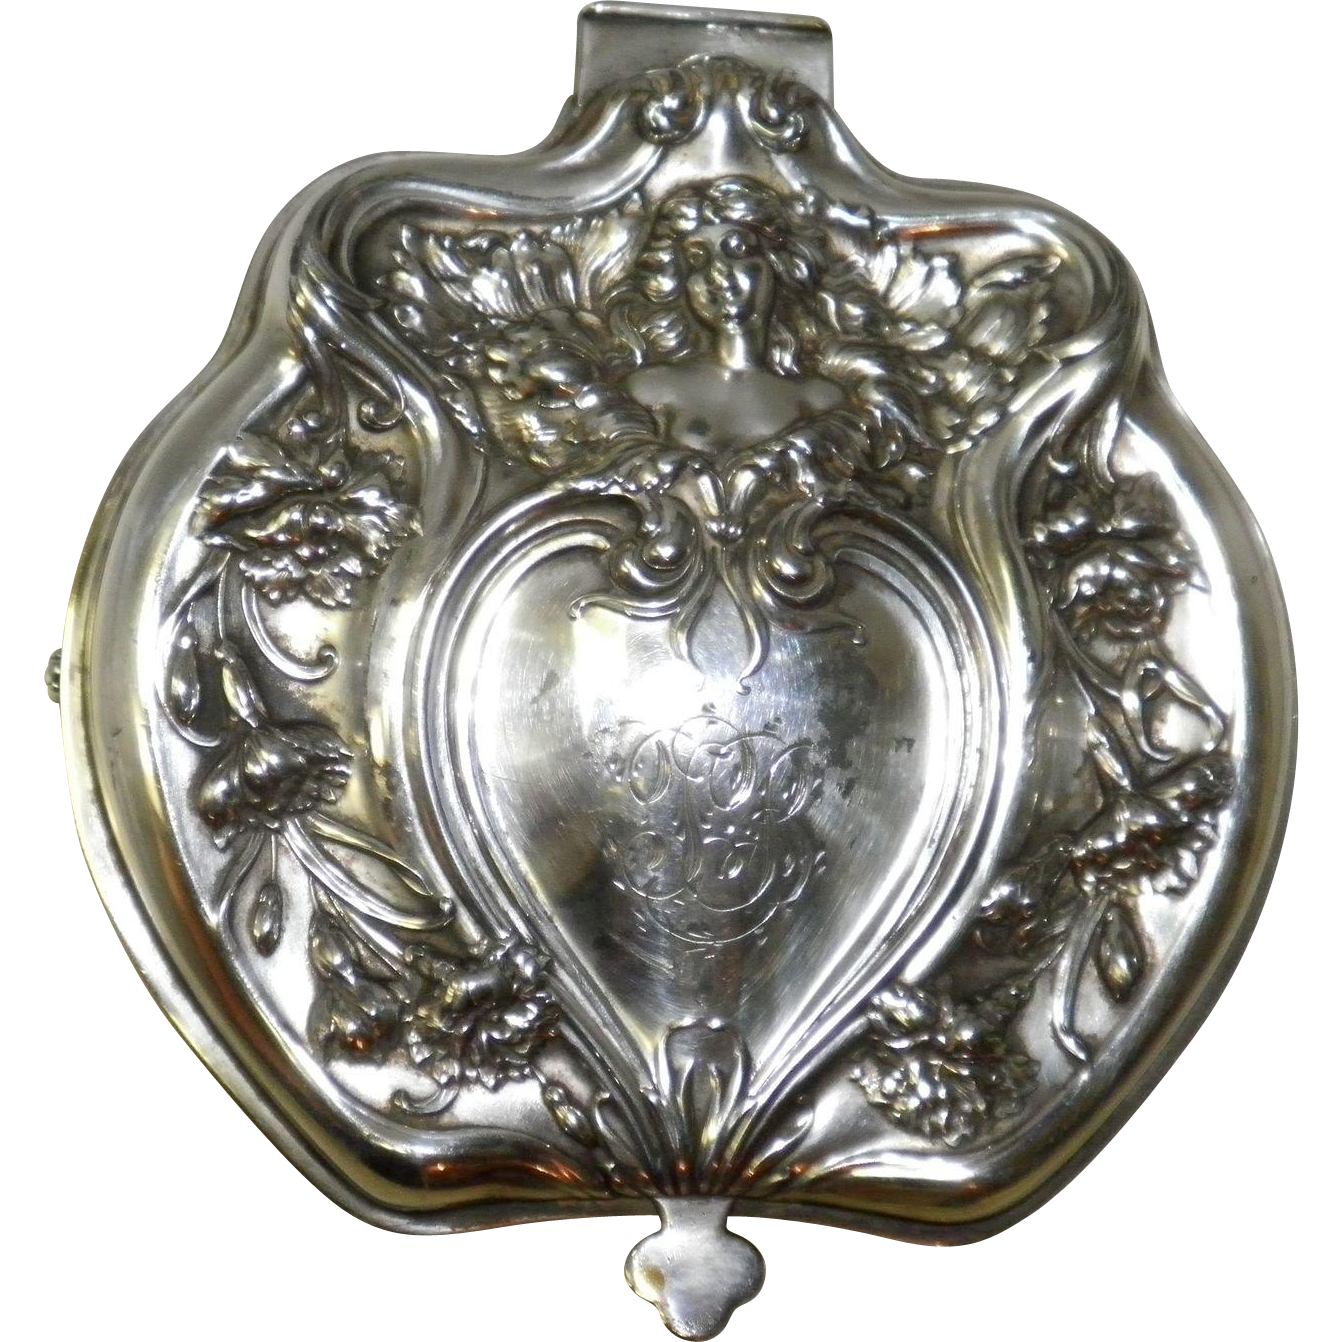 Antique Victor Silver Company Silver Quadruple Plate Jewelry Casket Box